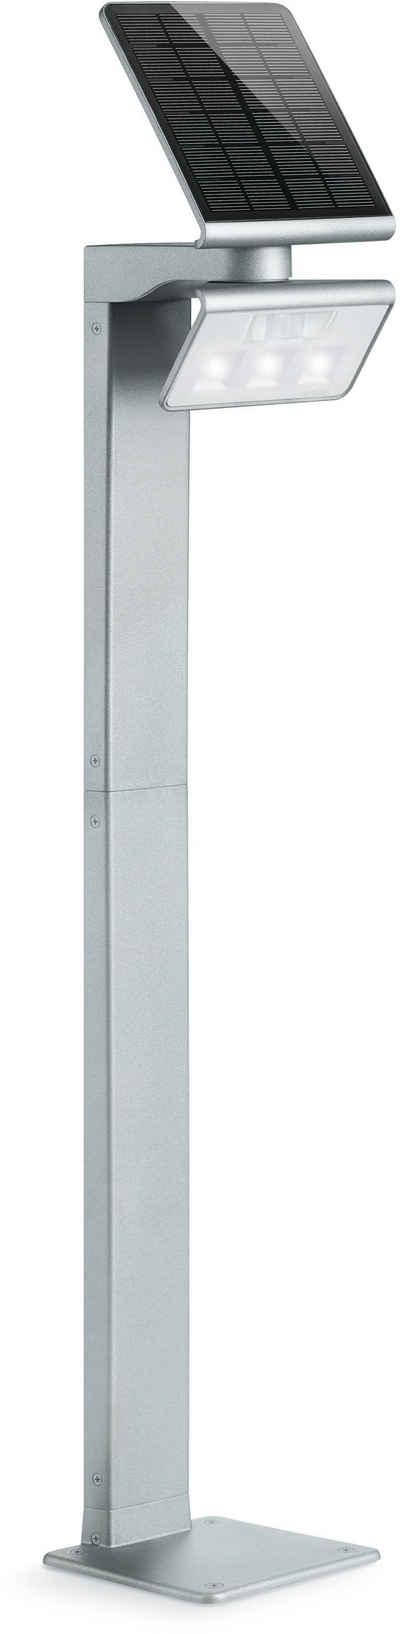 steinel LED Außen-Stehlampe »XSolar GL-S«, 140° Bewegungsmelder, netzunabhänig, mit Solarpanel